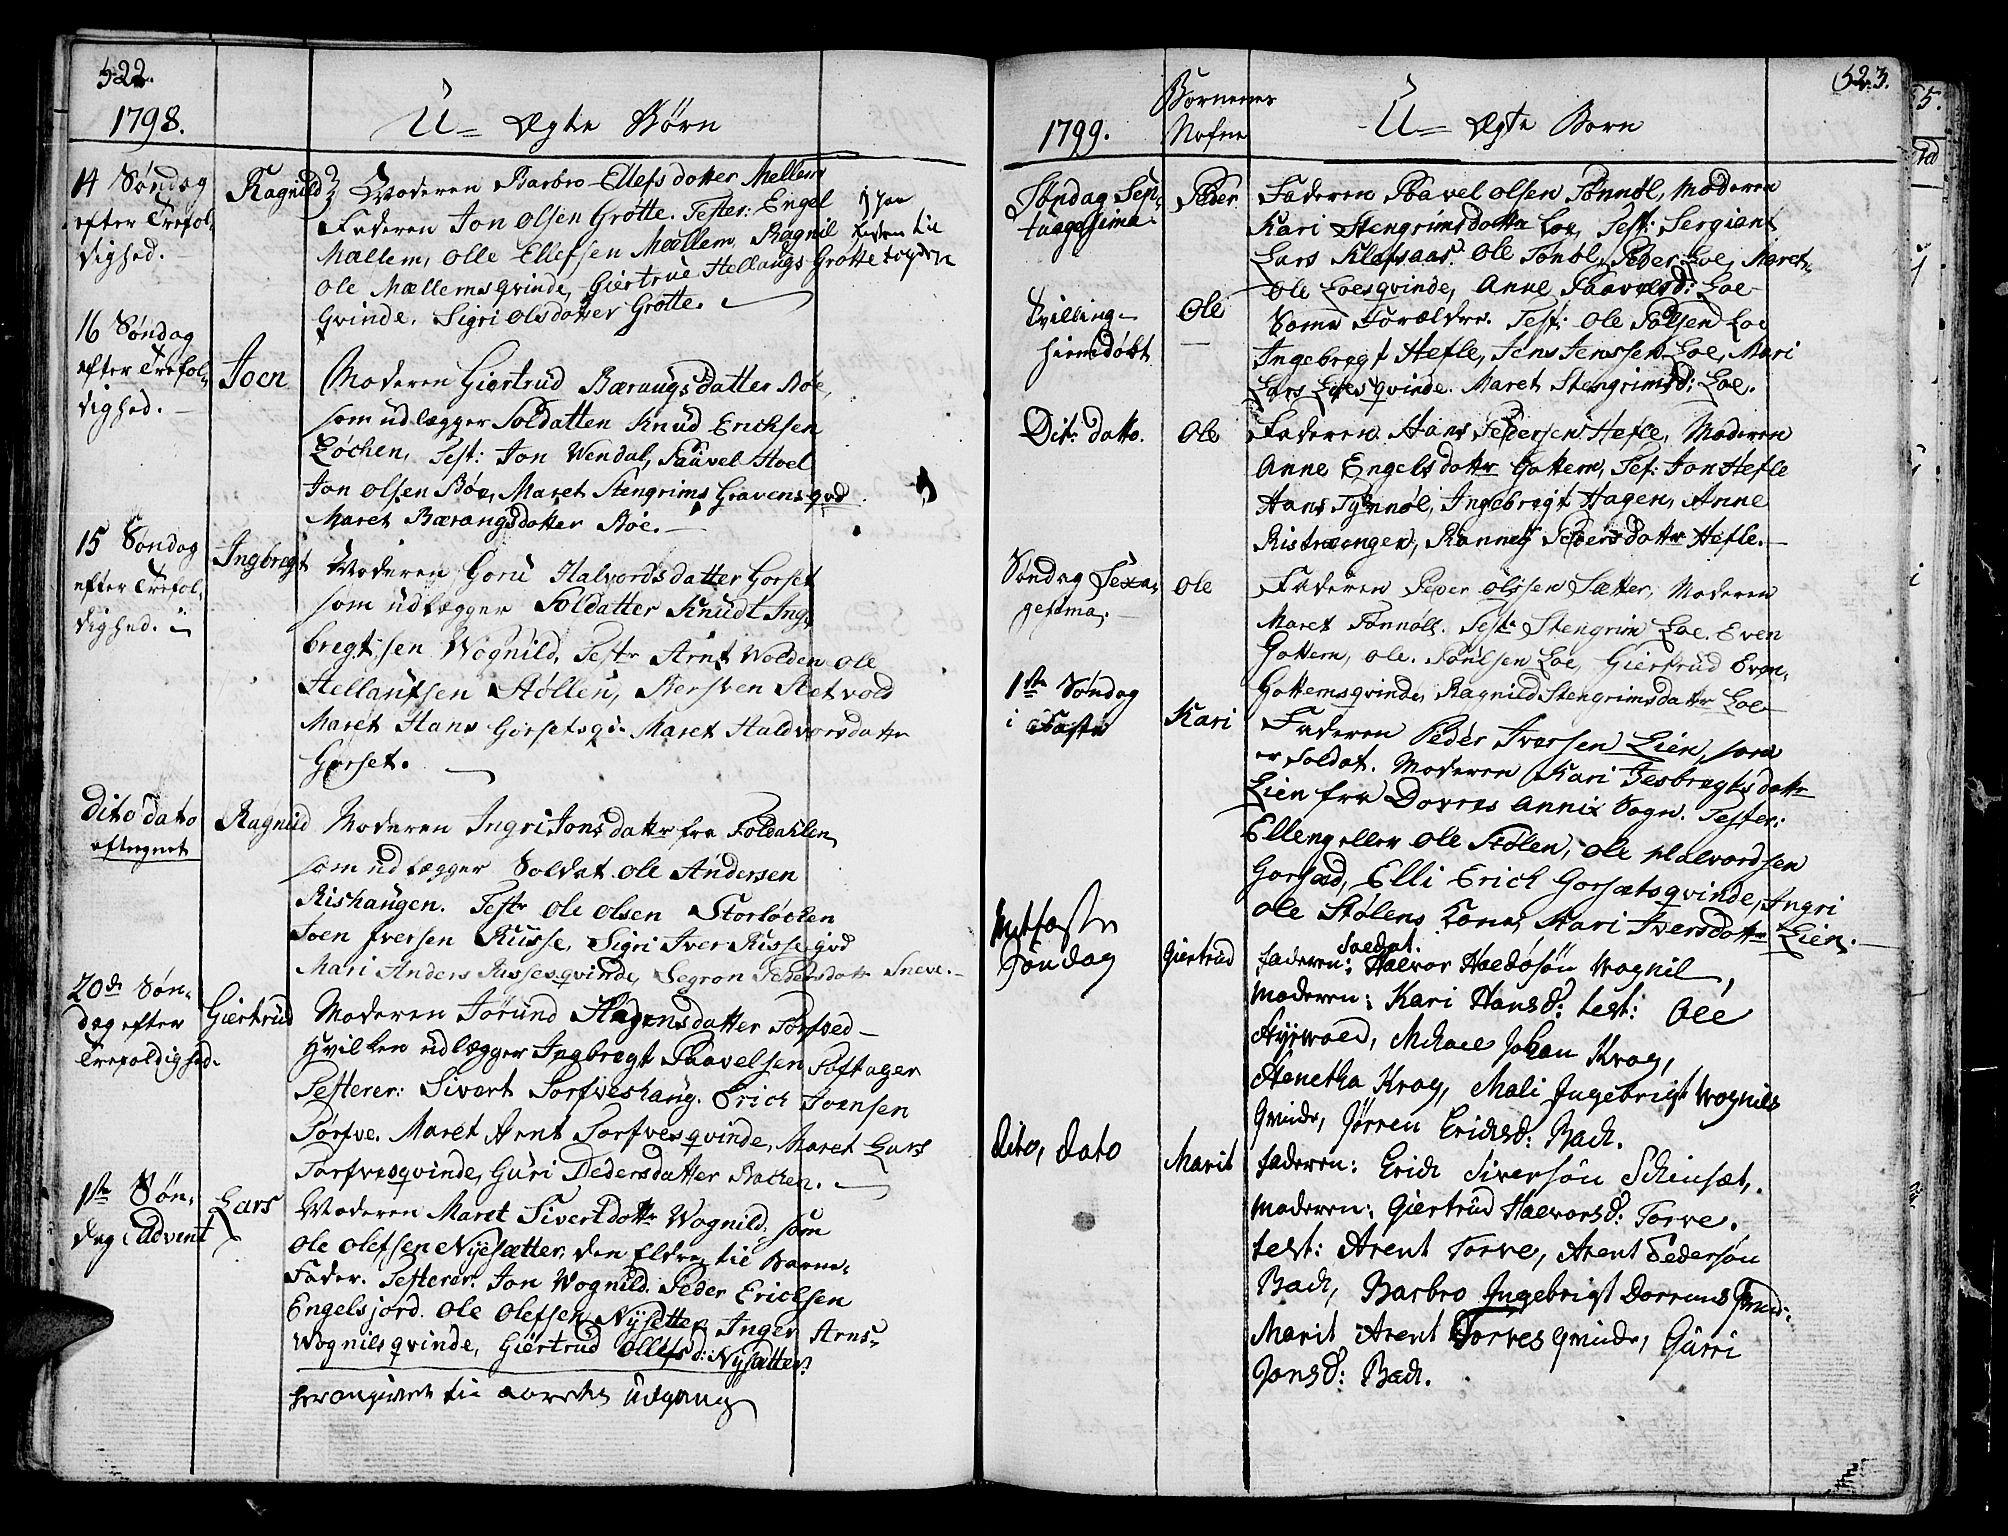 SAT, Ministerialprotokoller, klokkerbøker og fødselsregistre - Sør-Trøndelag, 678/L0893: Ministerialbok nr. 678A03, 1792-1805, s. 522-523